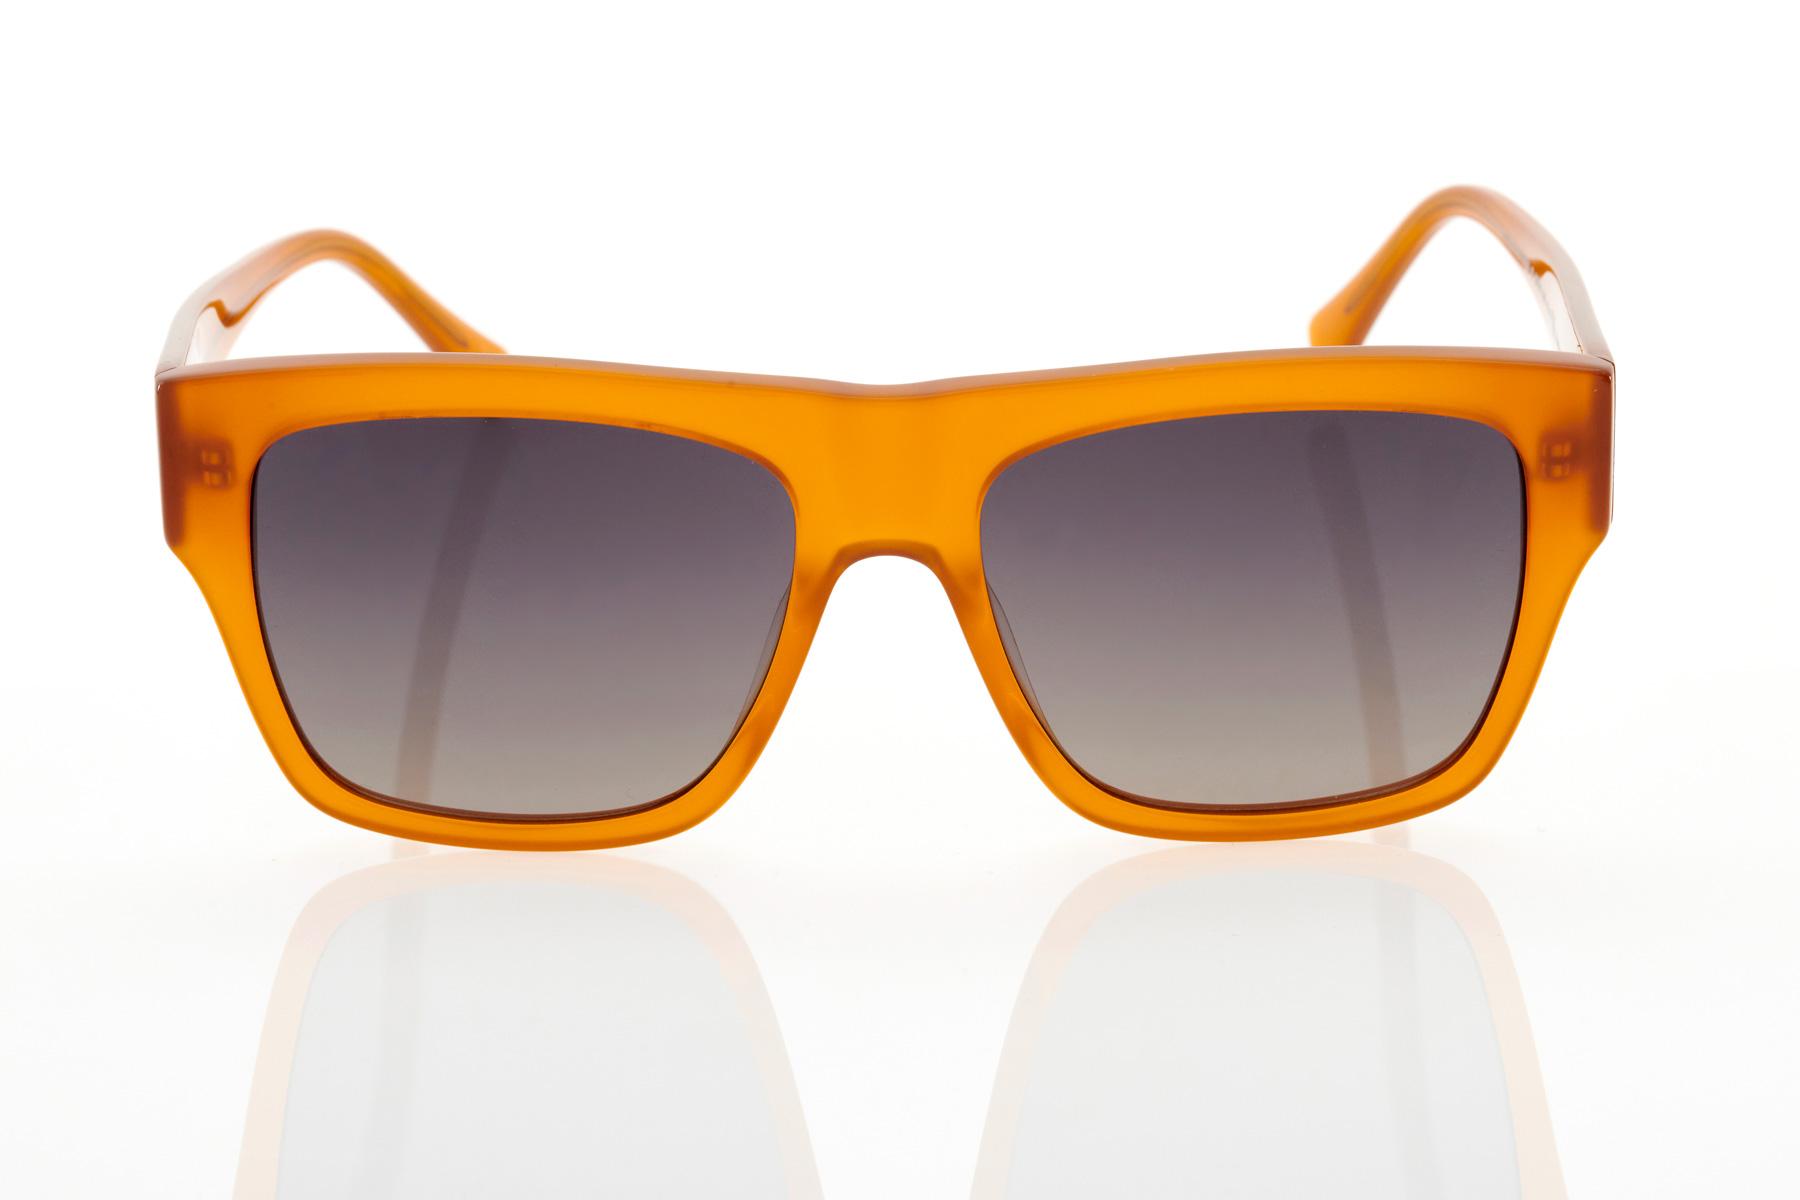 Πορτοκαλί unisex Γυαλιά Ηλίου Hawkers Doumu Caramel